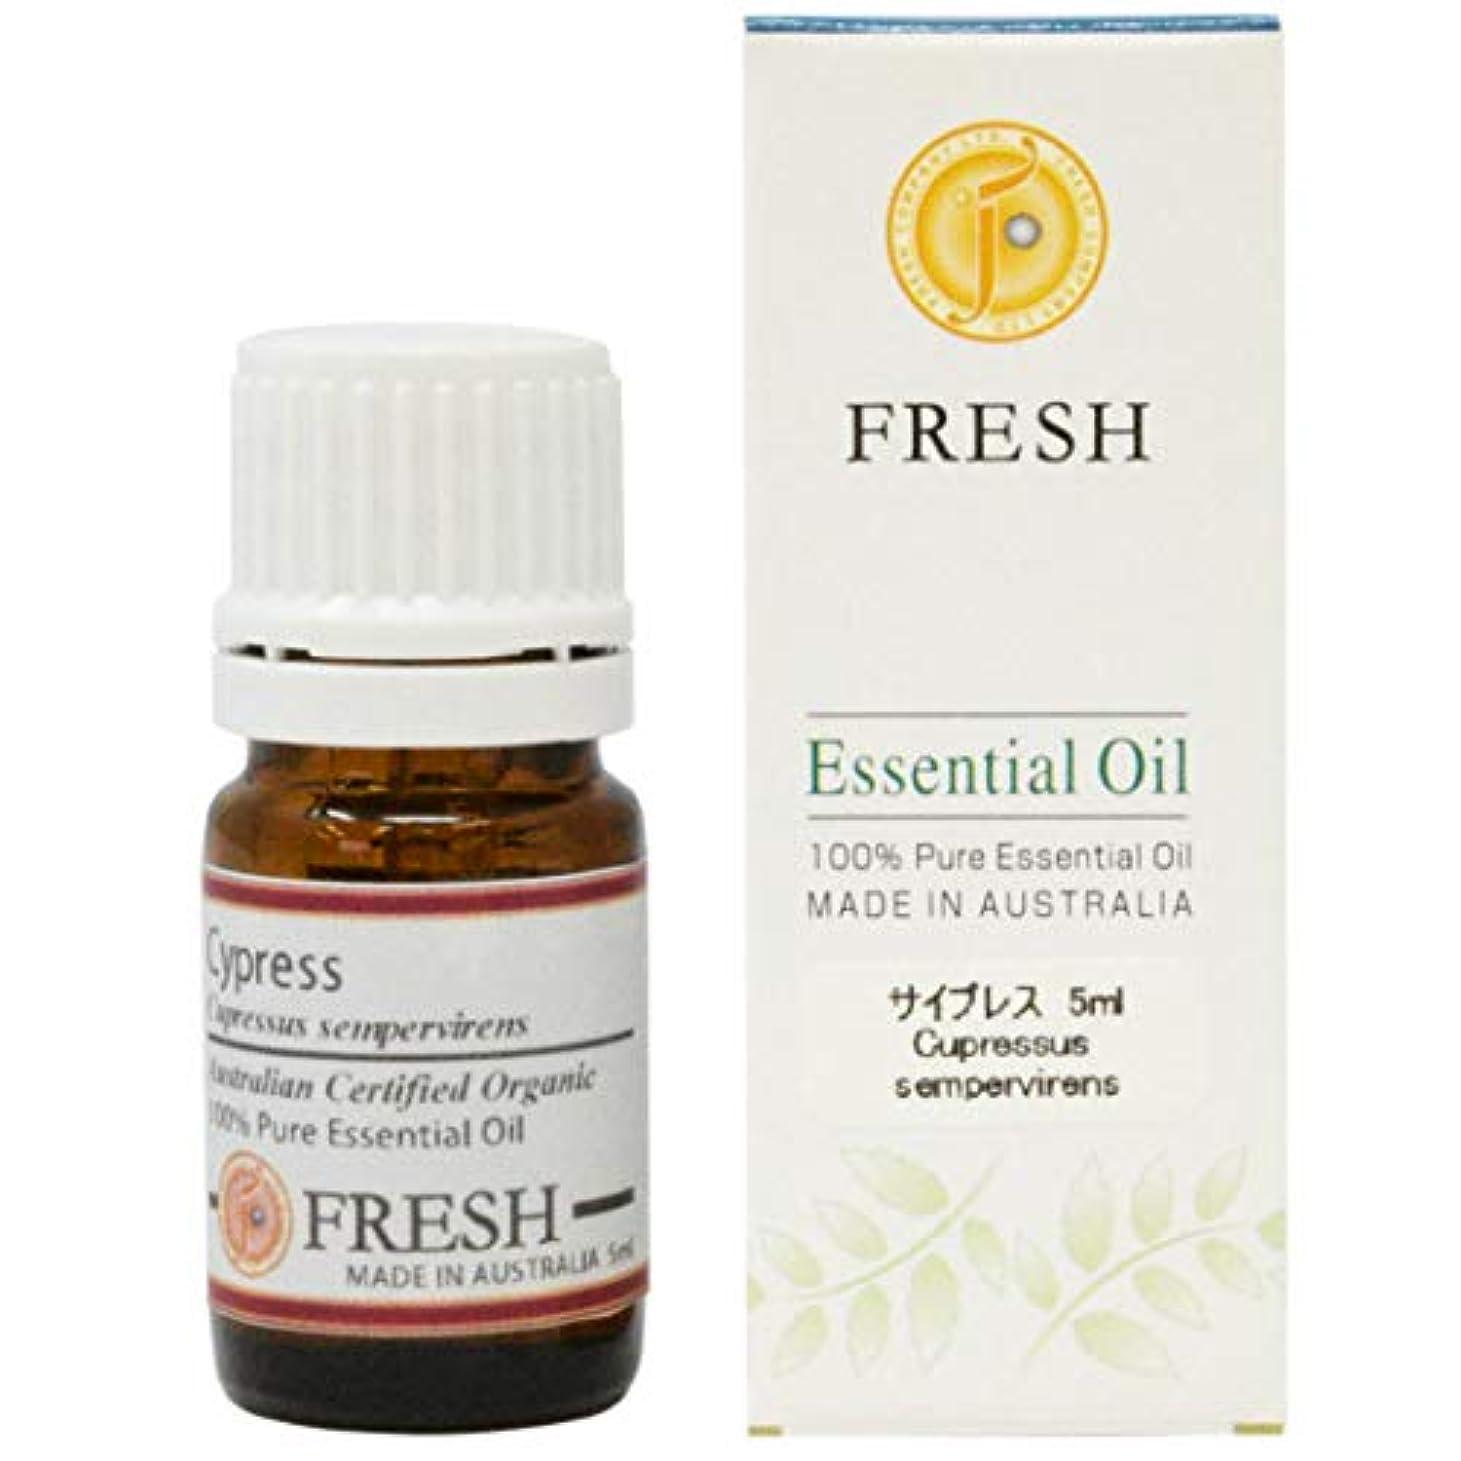 決定活性化するジャングルFRESH オーガニック エッセンシャルオイル サイプレス 5ml (FRESH 精油)